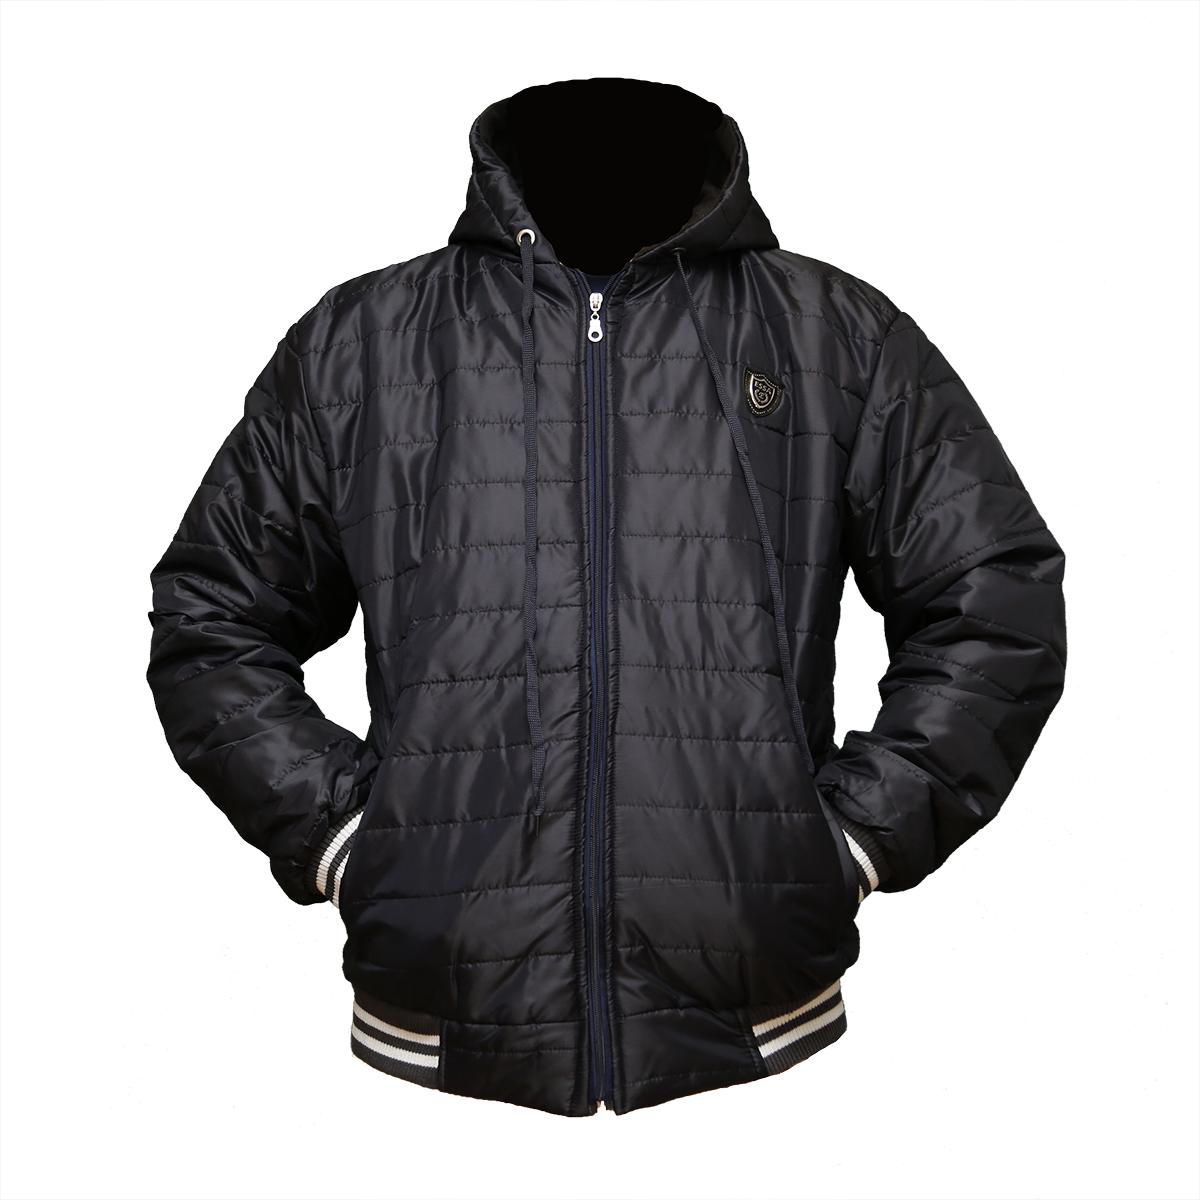 9c525df950e Недорогие зимние мужские куртки интернет магазин наложенный платеж пр-во  Турция 0655